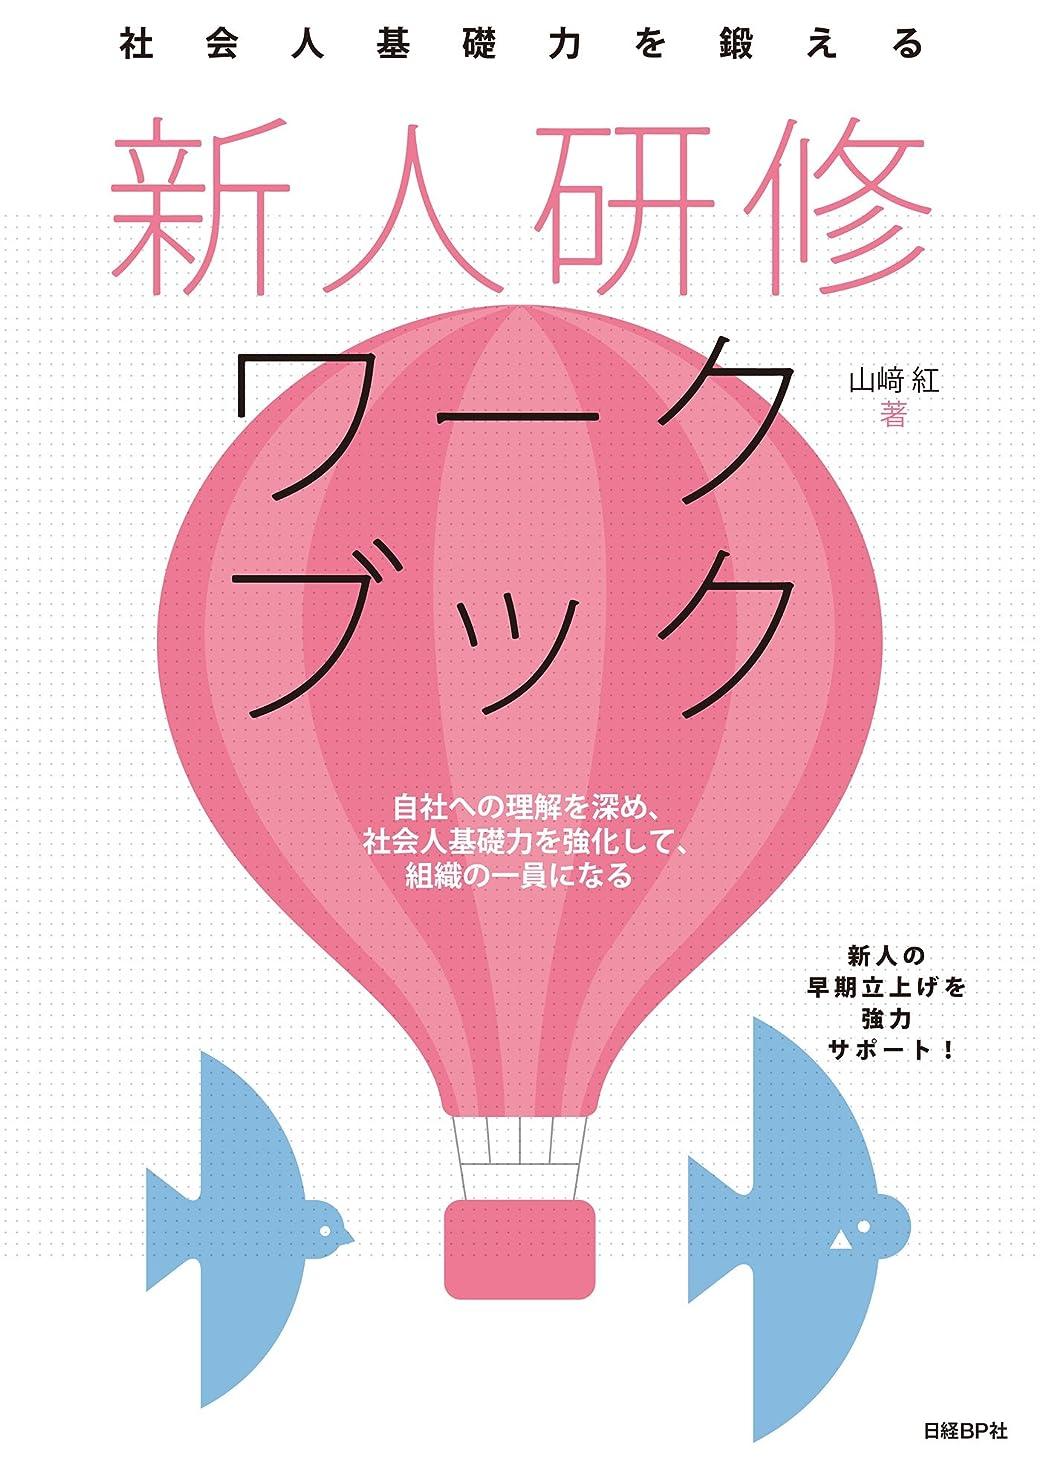 うがい薬小川チャーミング社会人基礎力を鍛える 新人研修ワークブック